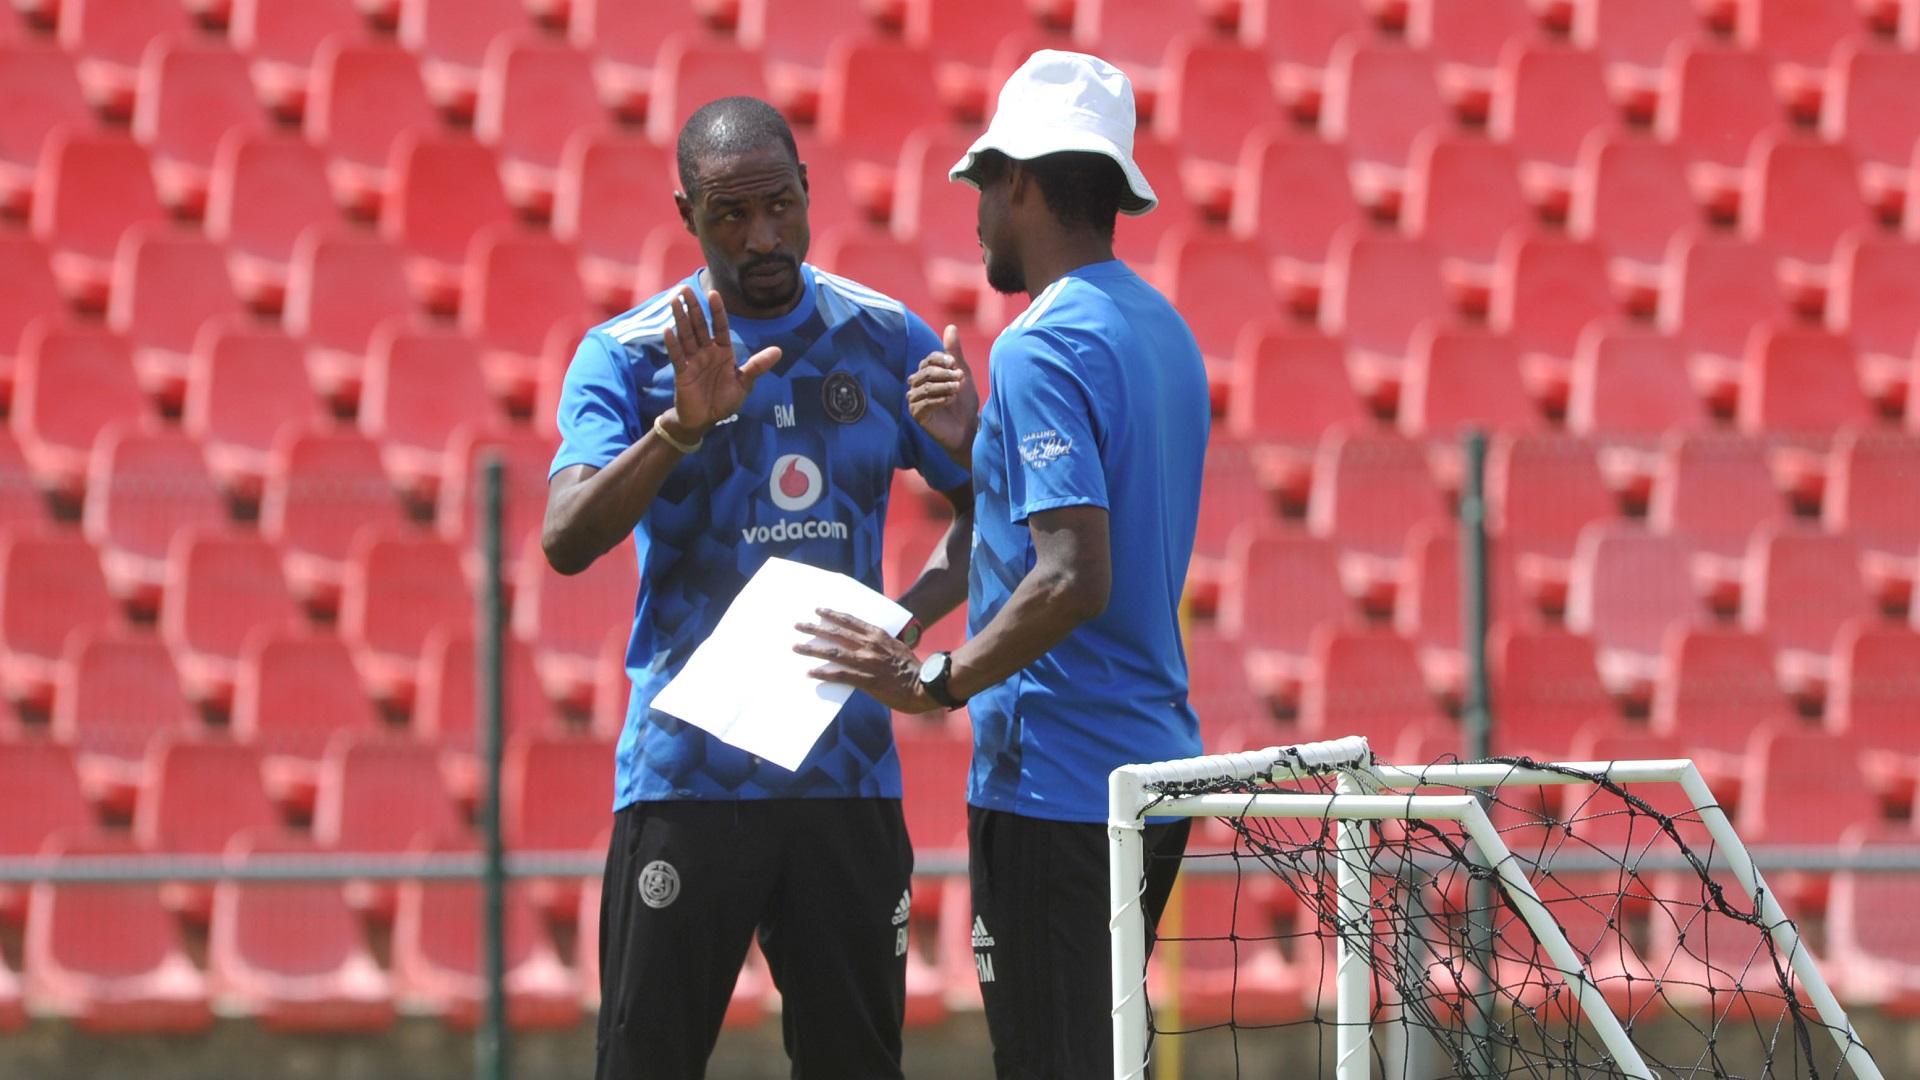 Orlando Pirates assistant coaches Benson Mhlongo and Rhulani Mokwena